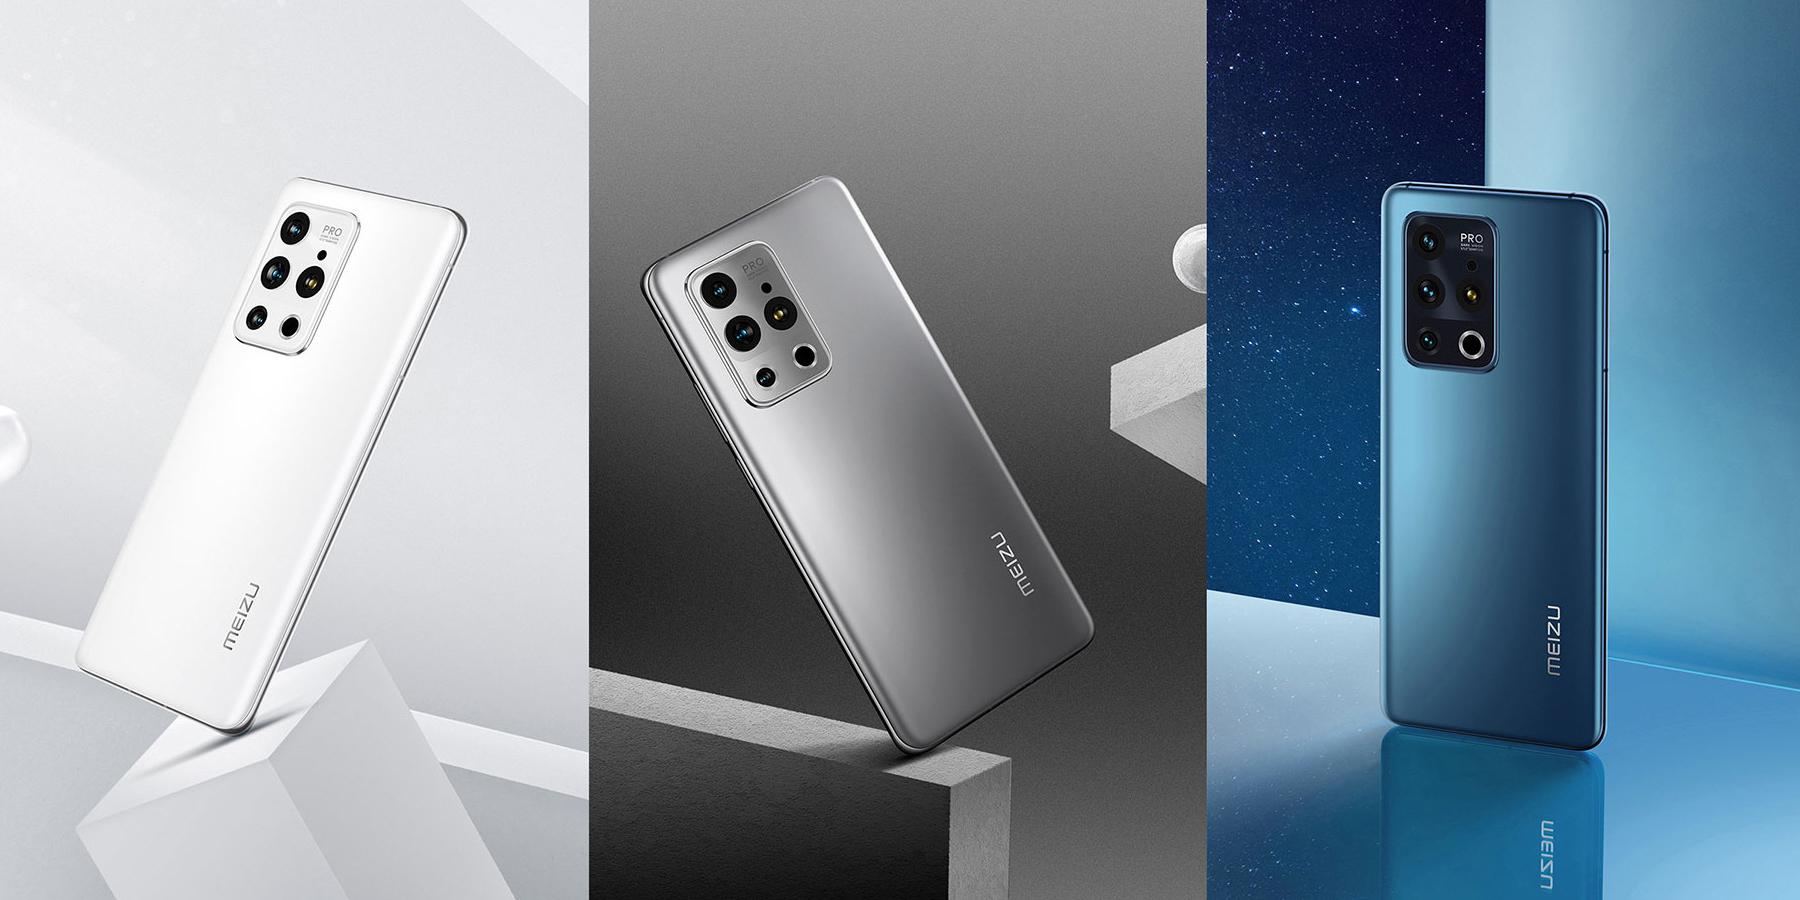 Meizu представила новые флагманские смартфоны Meizu 18 и 18 Pro